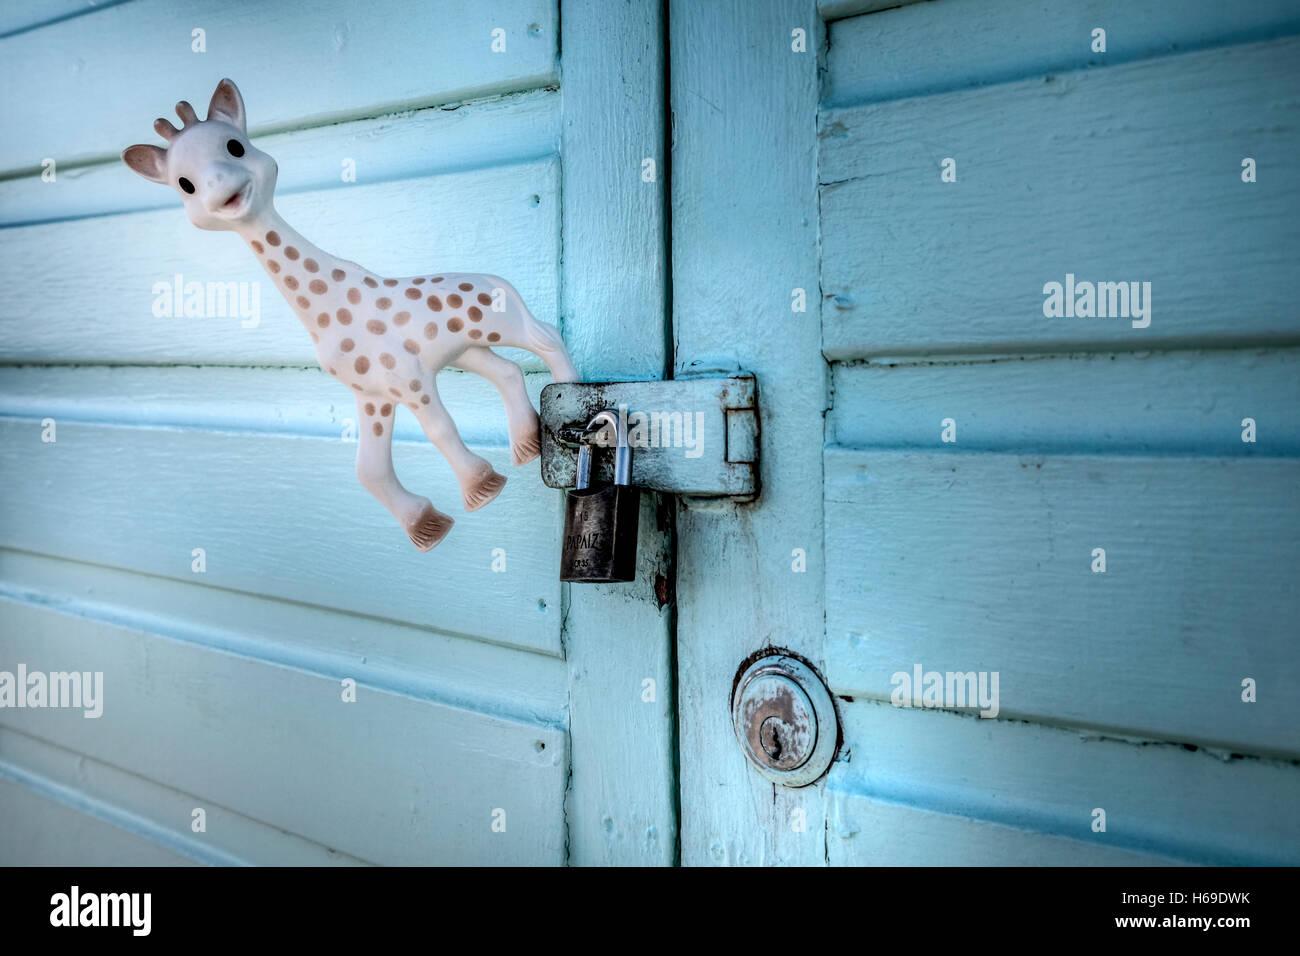 Un jouet girafe accroché sur un pad porte verrouillée Photo Stock